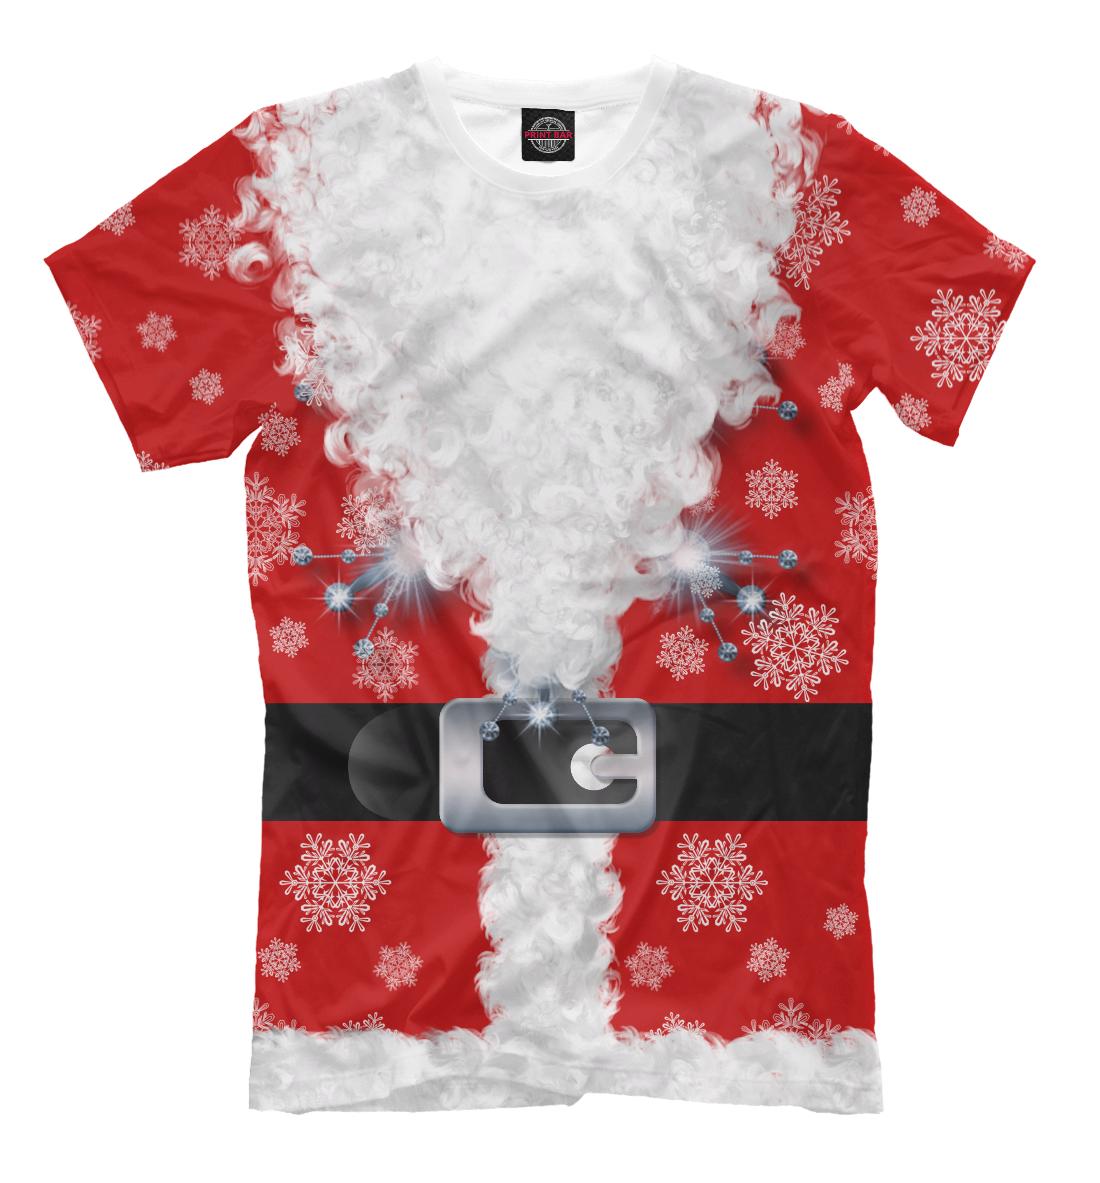 Купить Дед мороз, Printbar, Футболки, CST-773312-fut-2